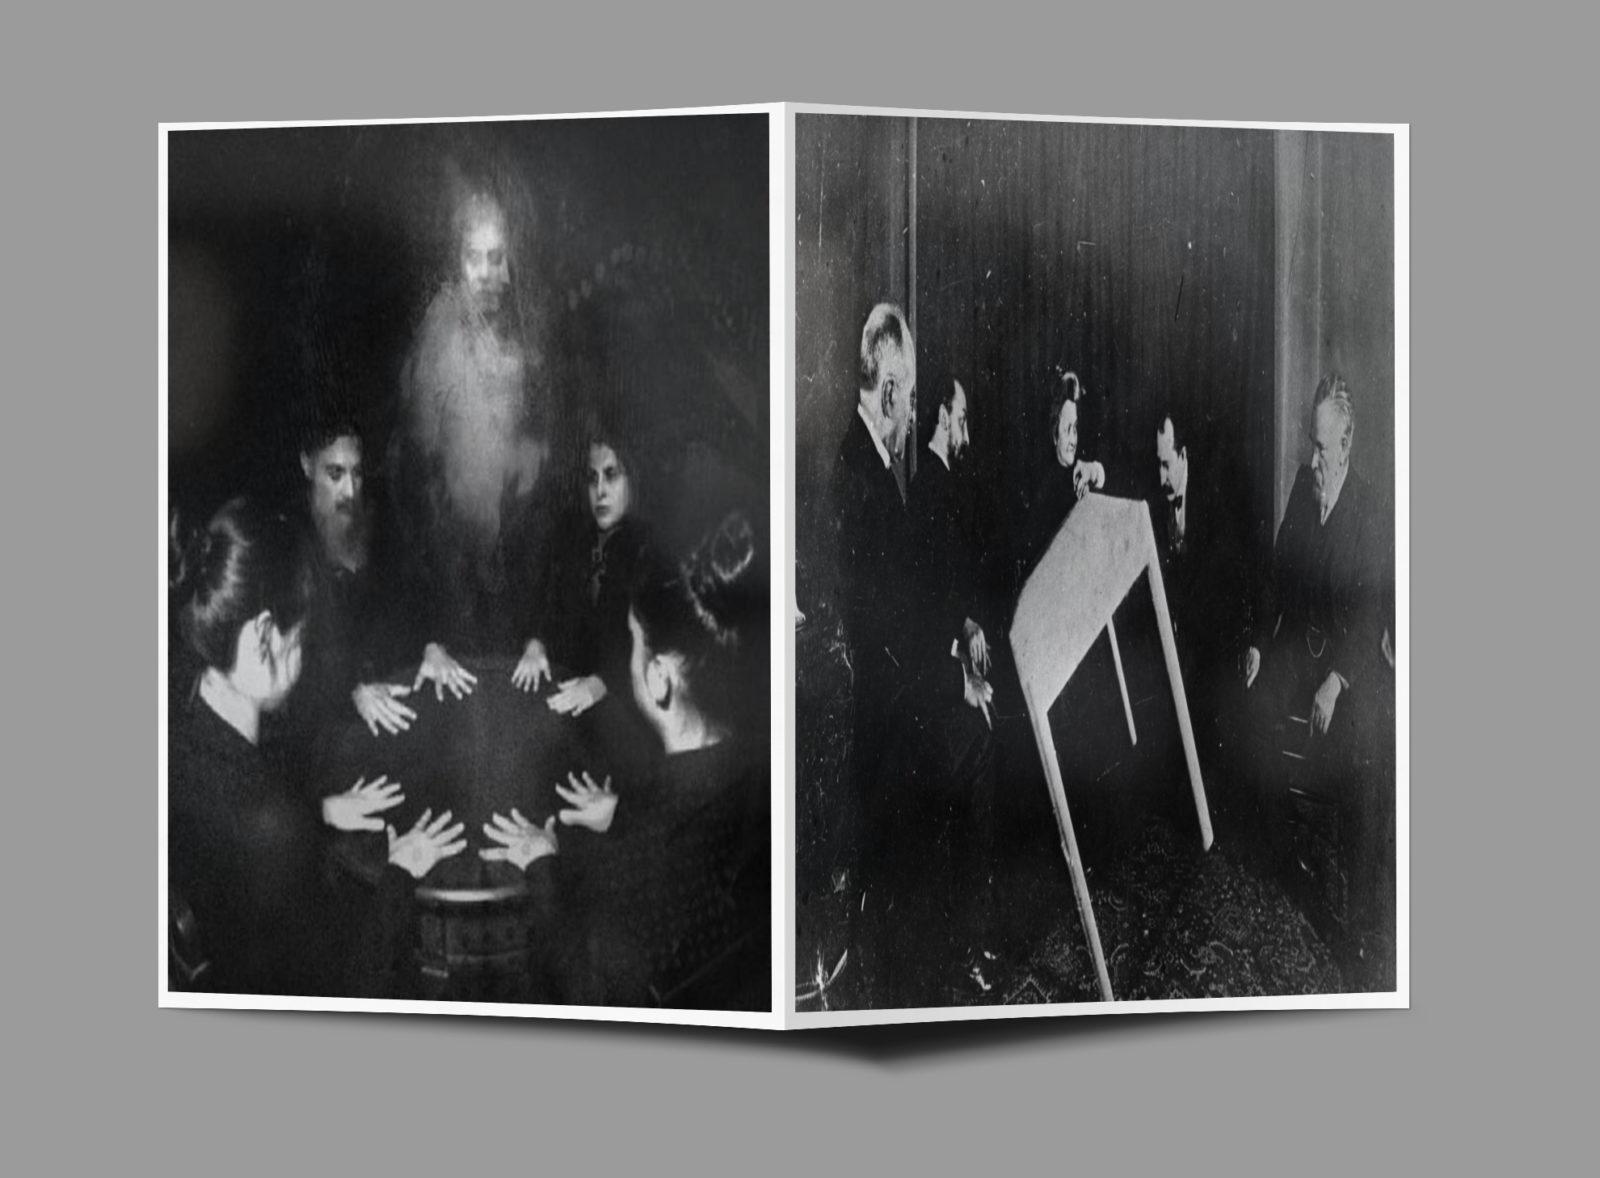 Как появилось увлечение сеансами спиритизма